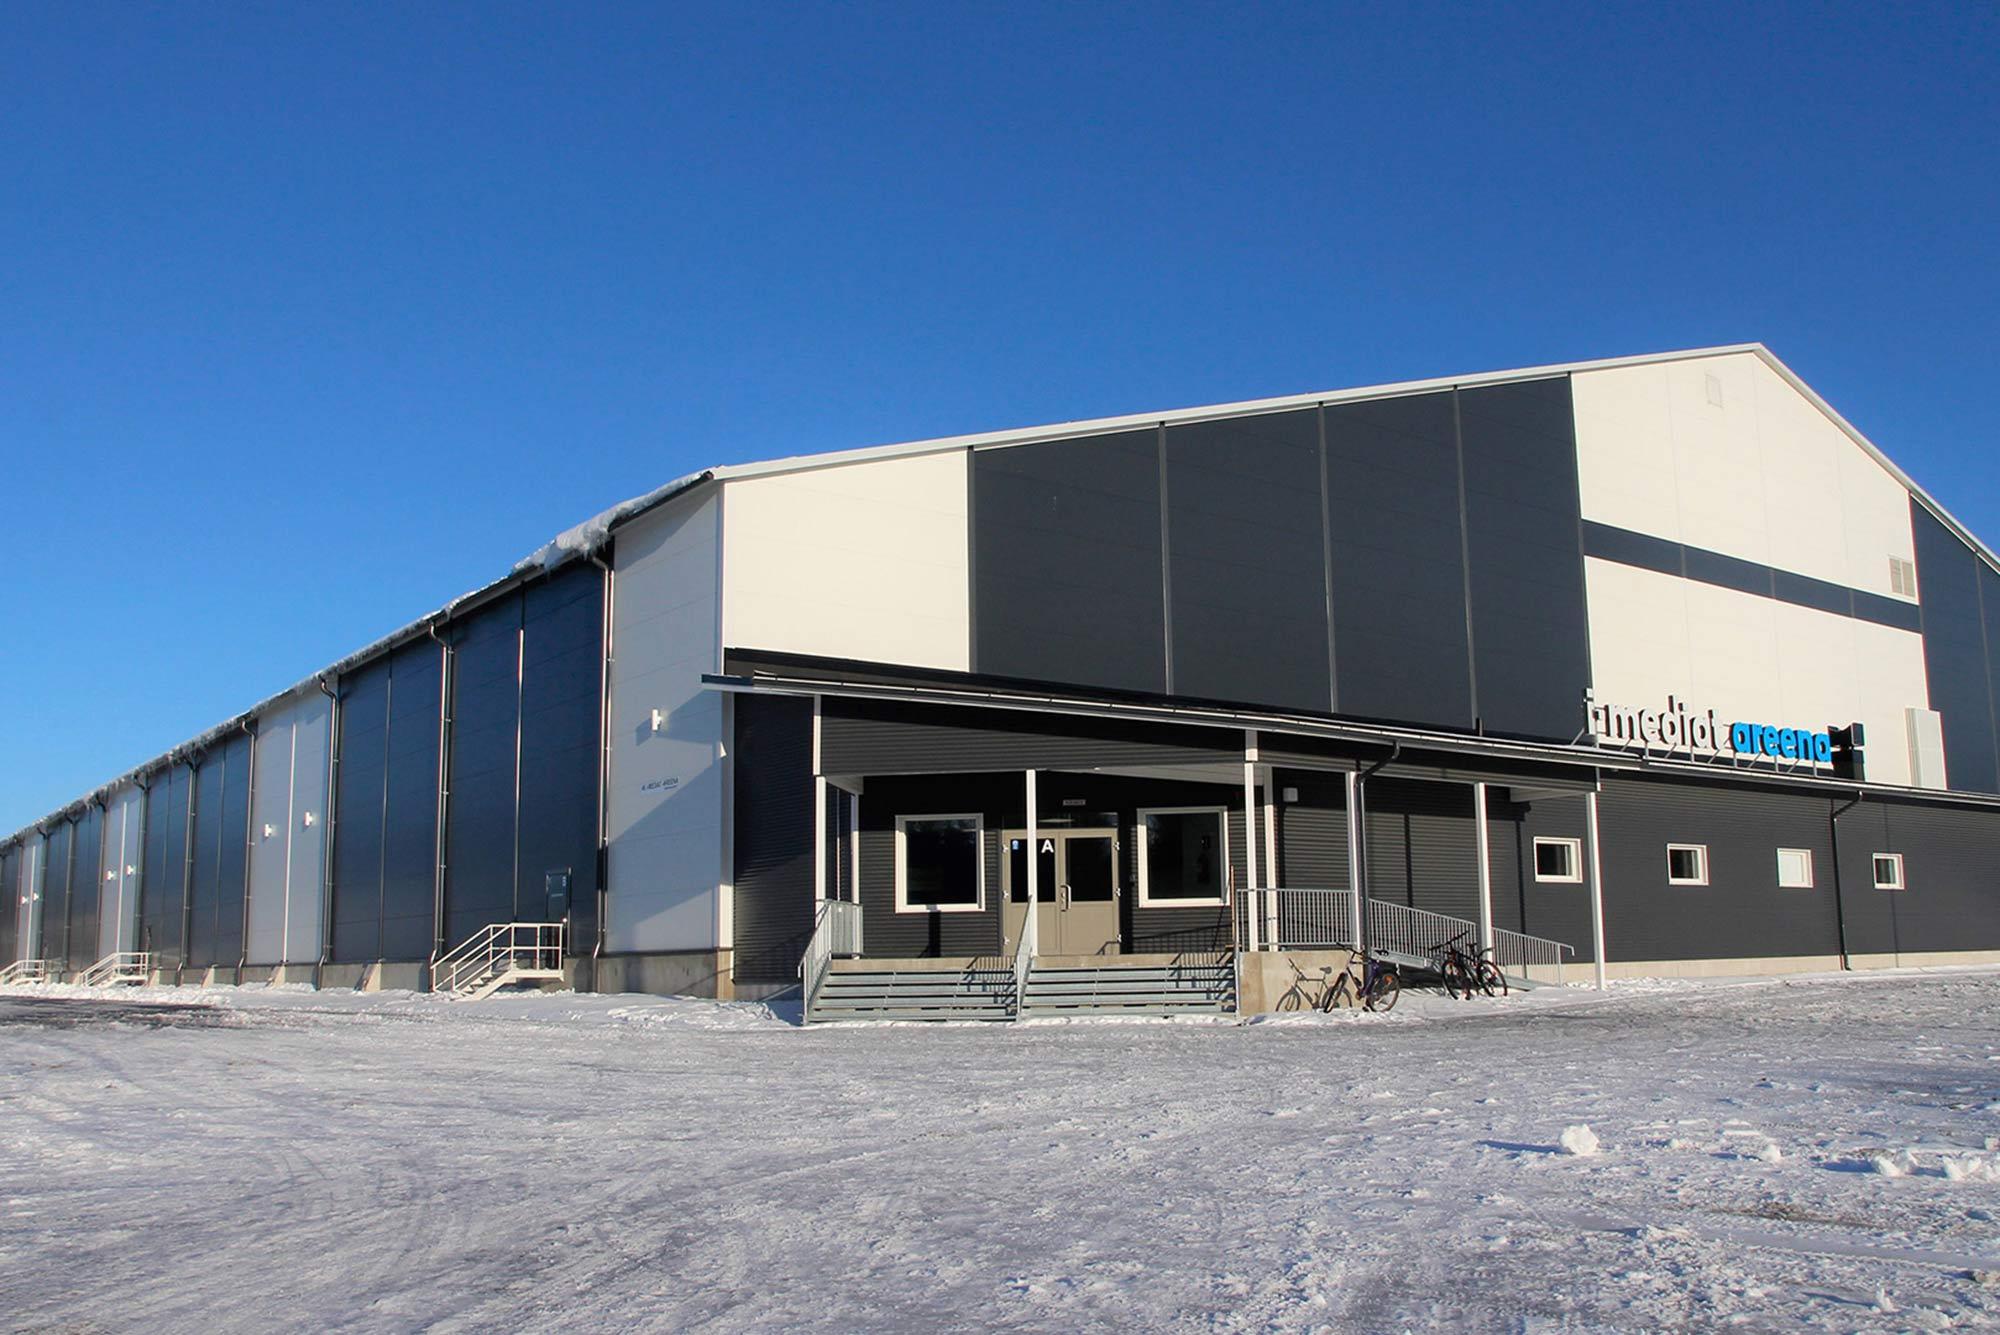 Trutec Oy Referenssit Teräshalli, Urheilurakentaminen, Toimitilahalli, Julkisivurakentaminen